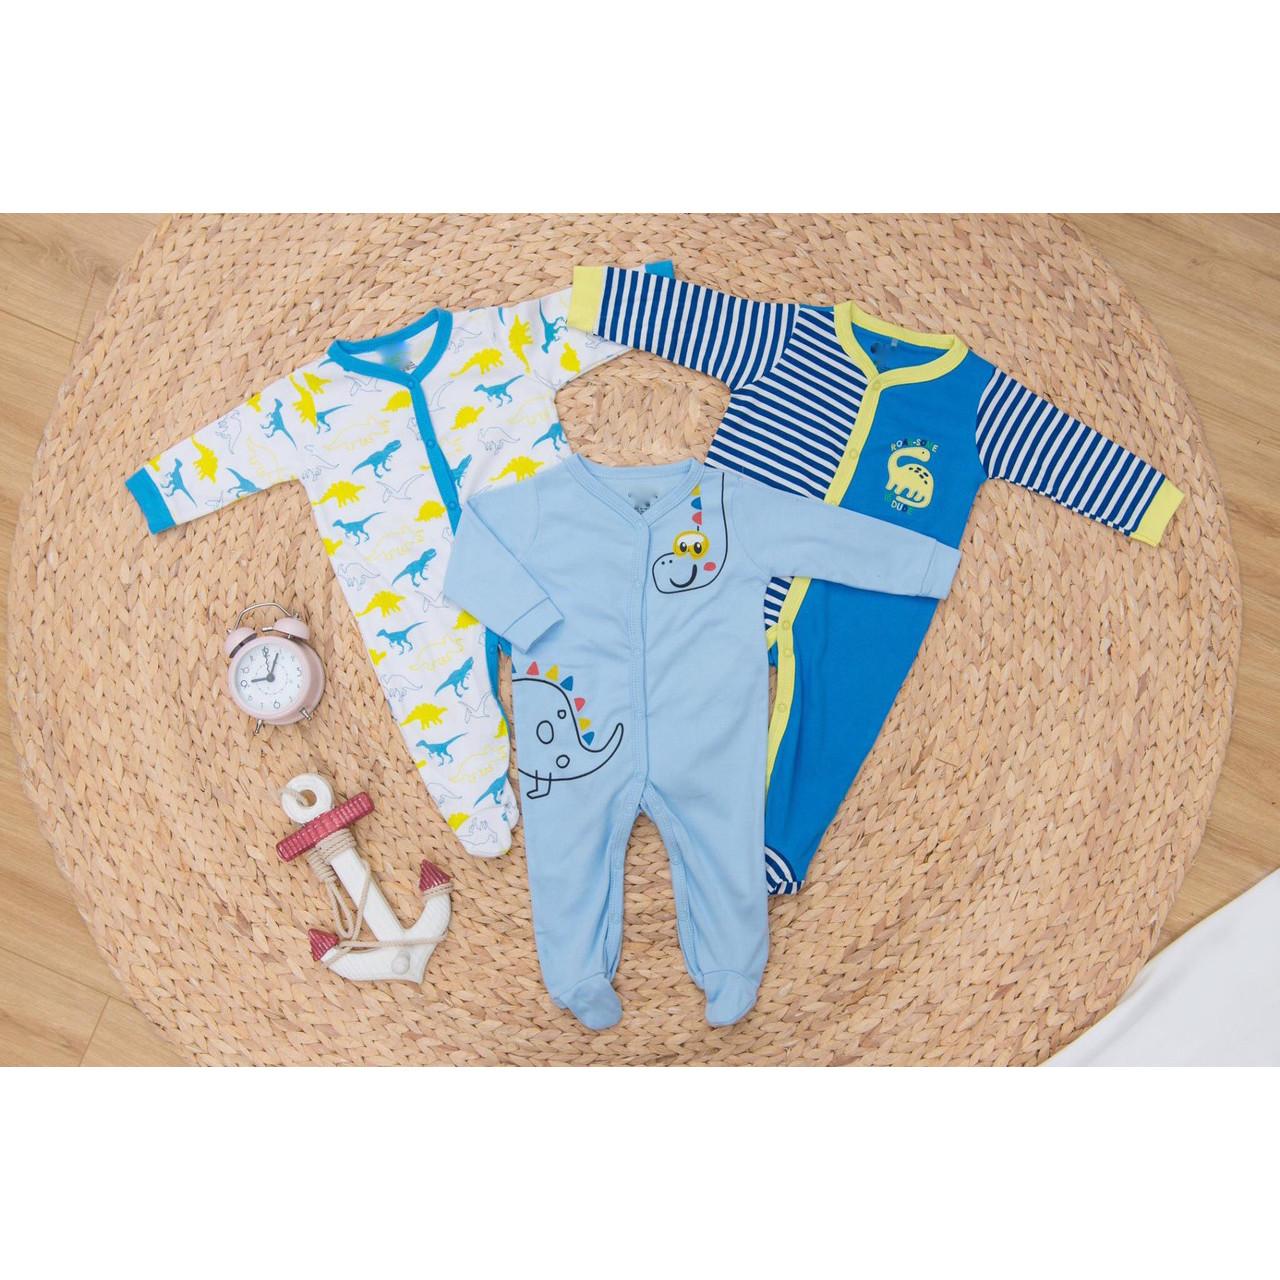 Set 3 body dài liền tất cho bé trai, quần áo thu đông cho bé - 16295861 , 1746401909236 , 62_23482651 , 250000 , Set-3-body-dai-lien-tat-cho-be-trai-quan-ao-thu-dong-cho-be-62_23482651 , tiki.vn , Set 3 body dài liền tất cho bé trai, quần áo thu đông cho bé